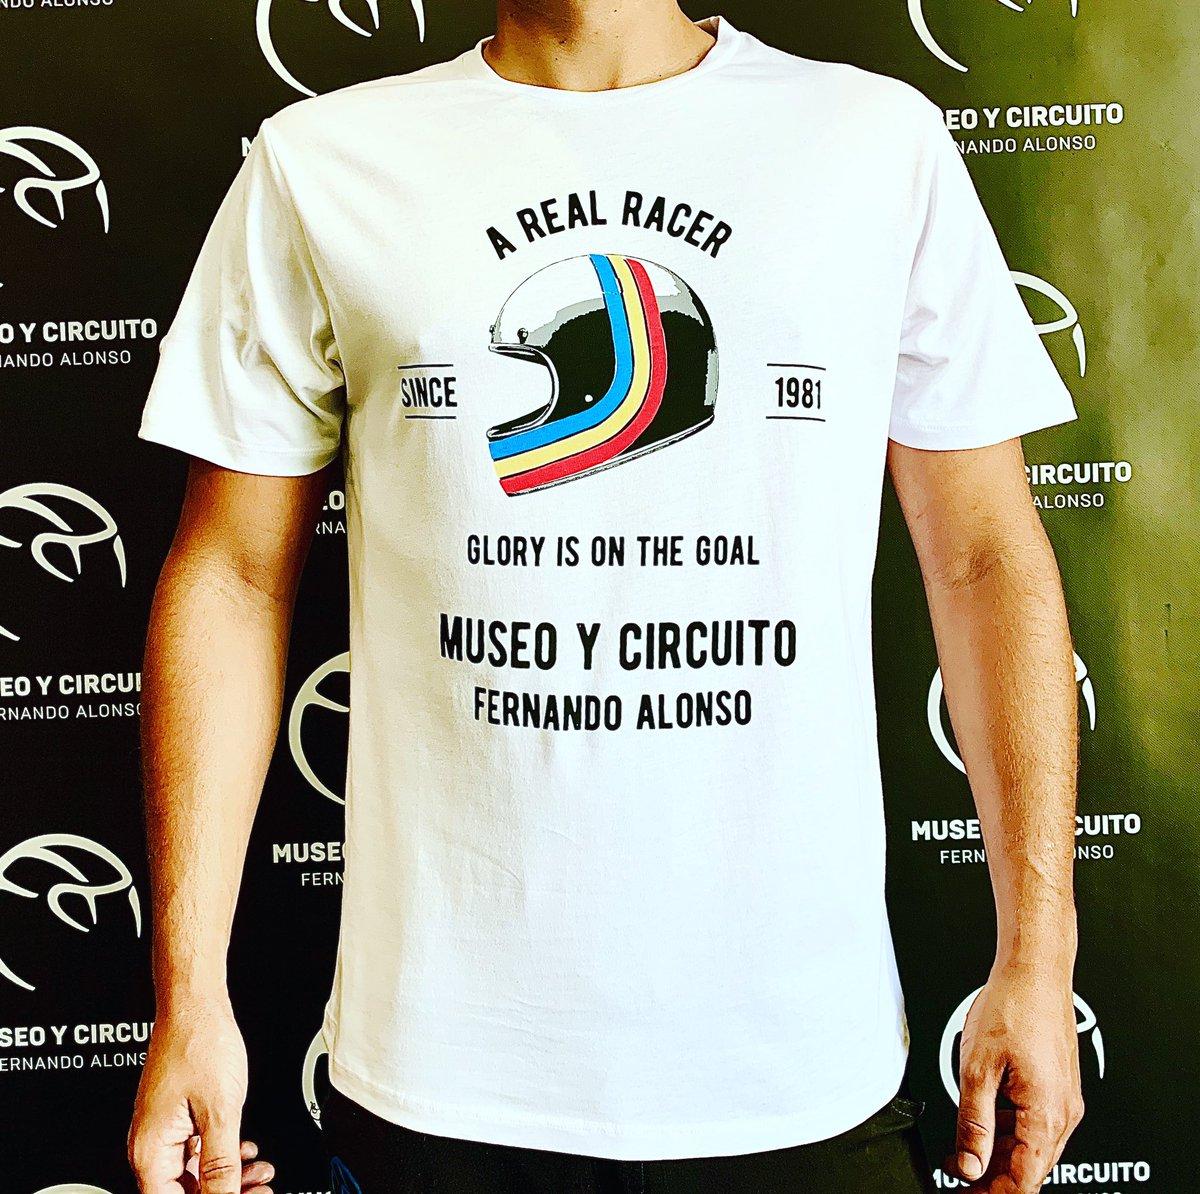 ¡NUEVA camiseta de la colección exclusiva by @kimoa para @circuitomuseofa!  A la venta en la tienda del museo y aquí ➡️ https://t.co/Hu80uytGwQ https://t.co/WpsQlPgWXz